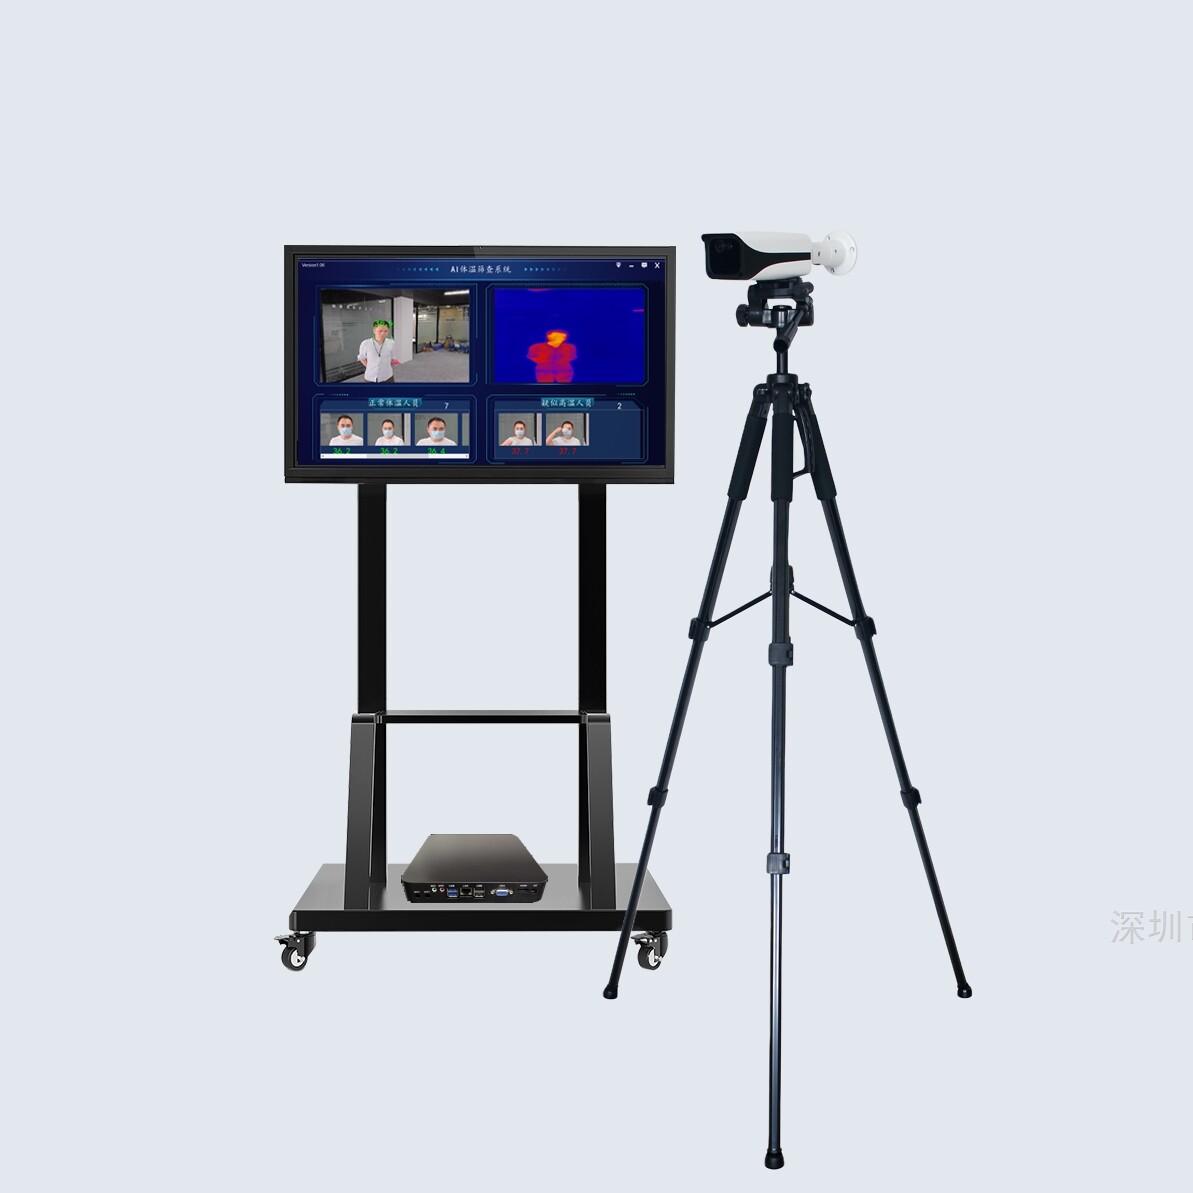 C195人臉識別紅外熱成像測溫攝像機智能測溫係統